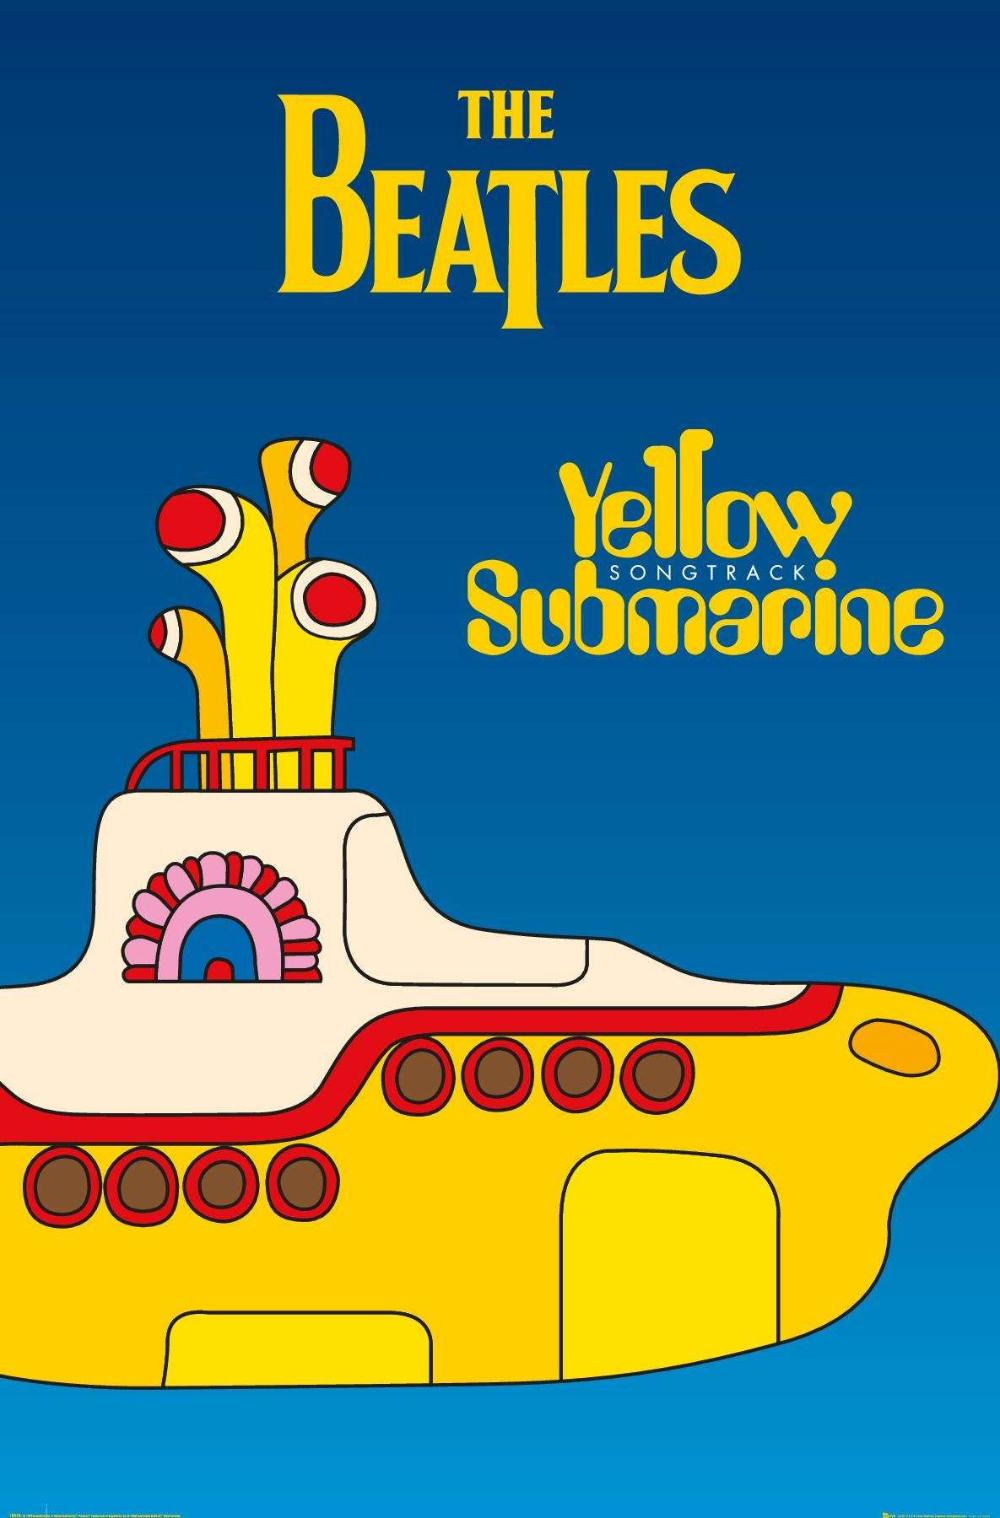 24x36 The Beatles Yellow Submarine Yellow Submarine Movie Beatles Yellow Beatles Albums